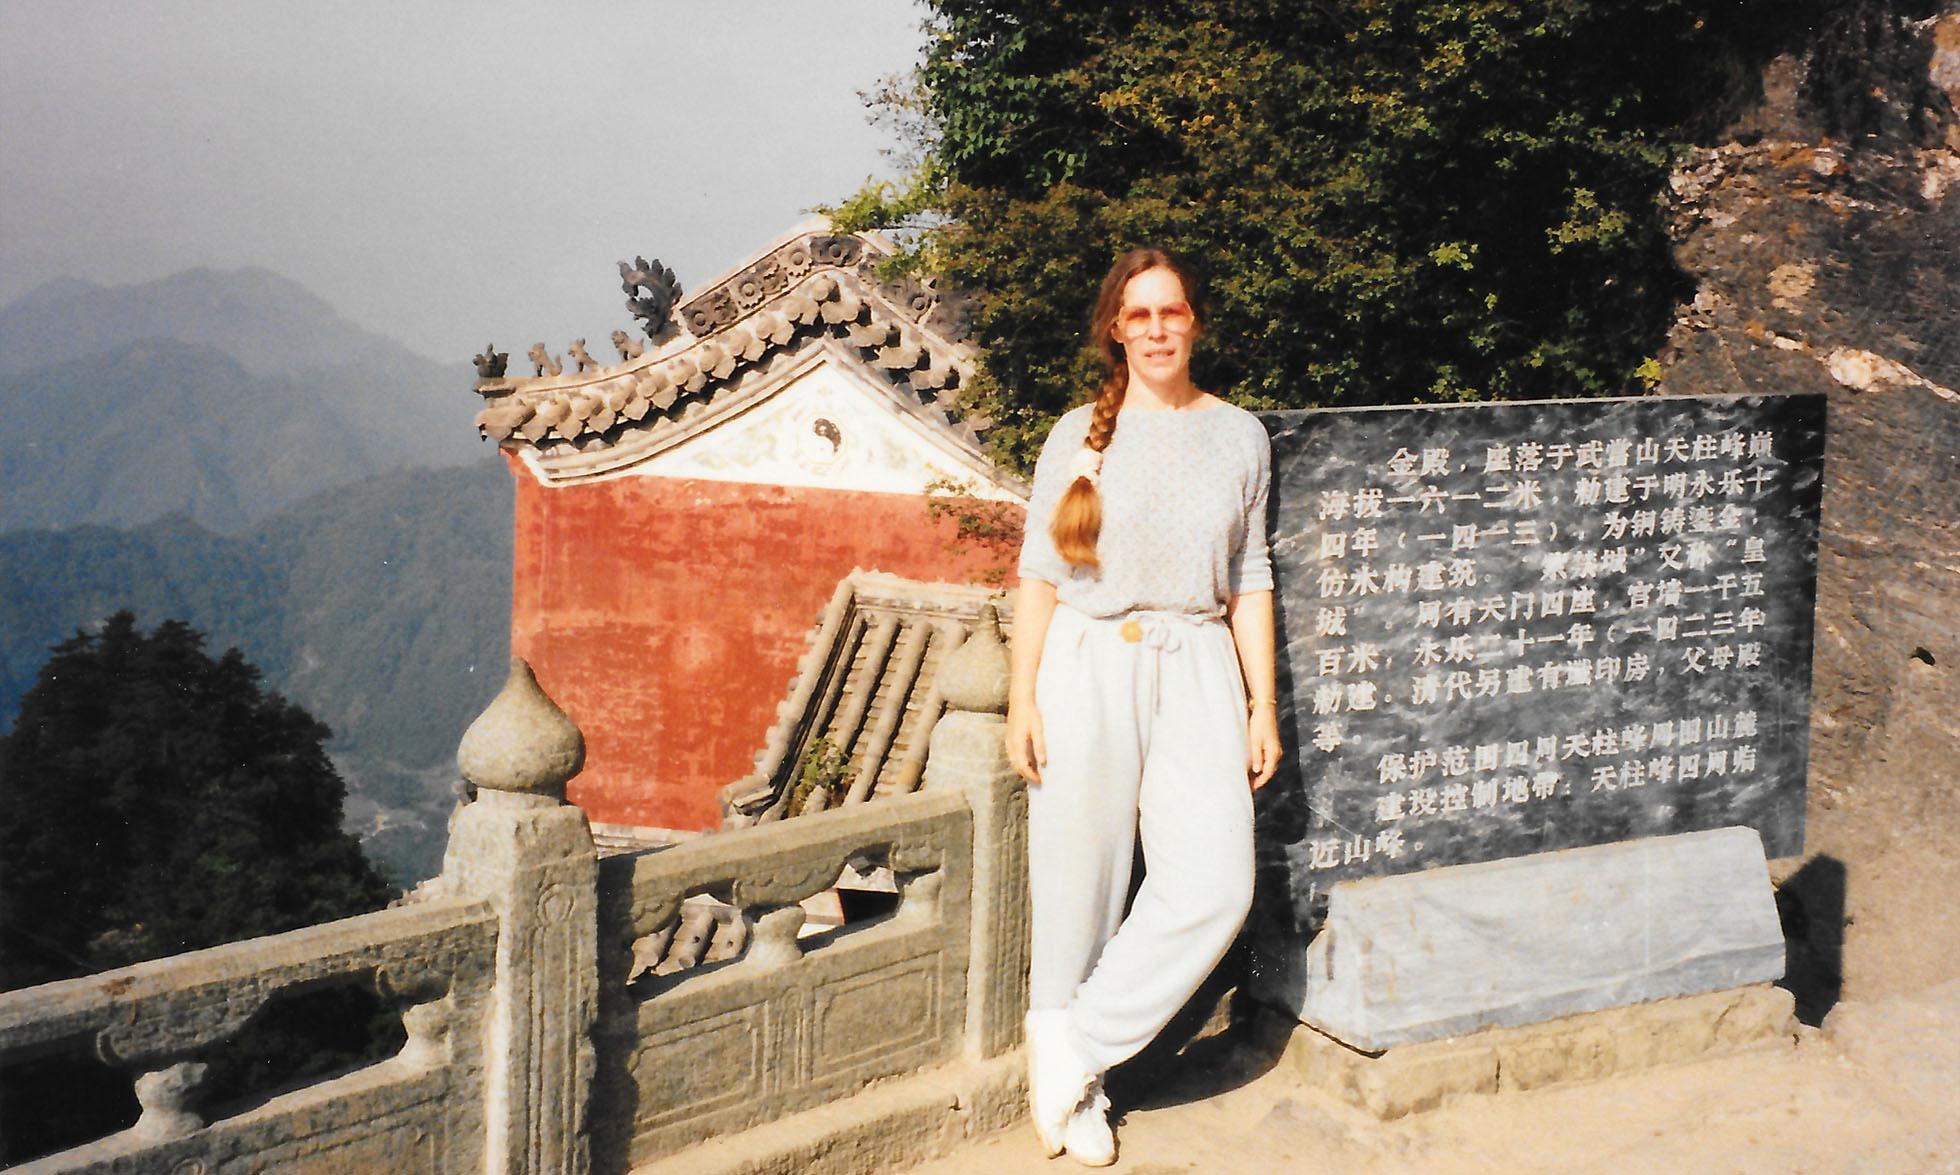 Tianzhu1995